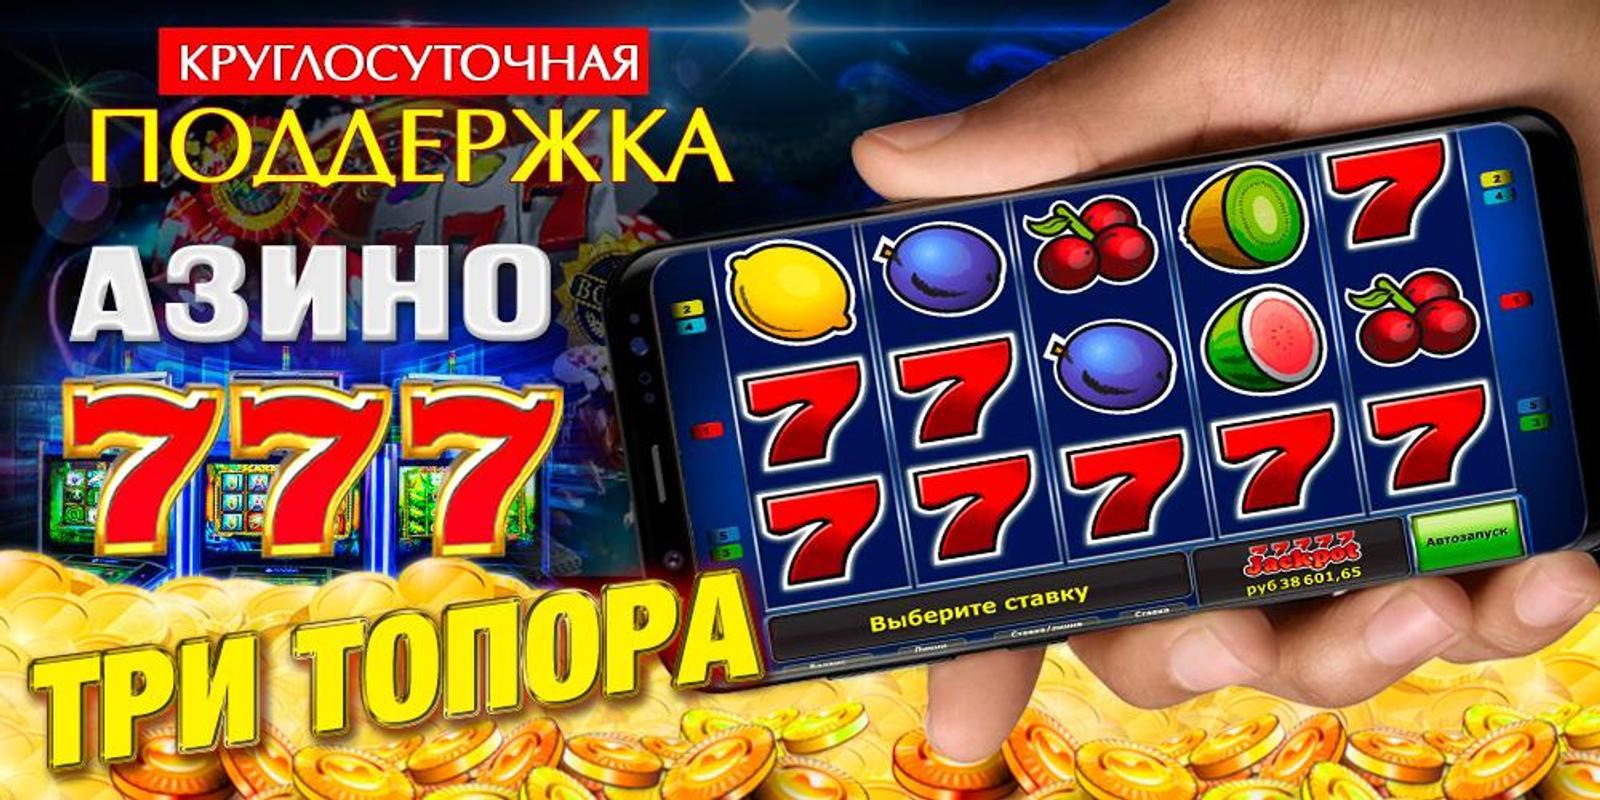 азино мобайл 777 рублей